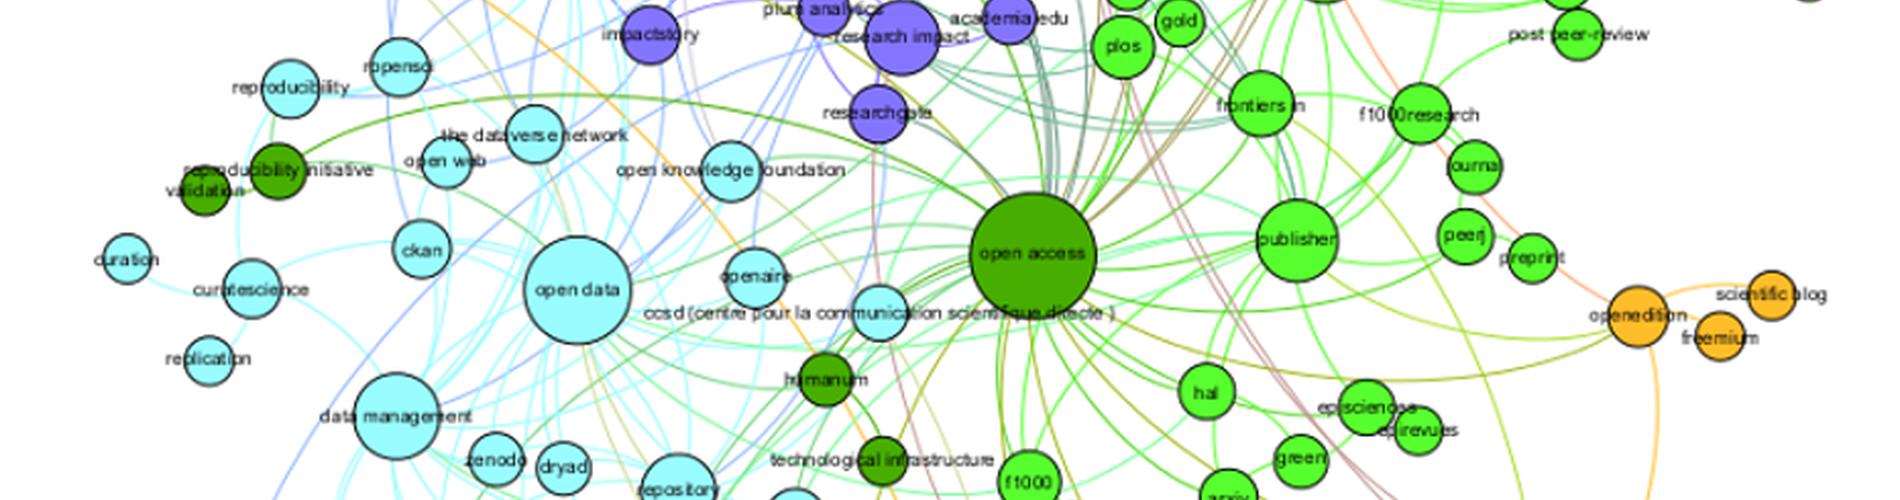 Cartographier l'écosytème de l'Open Science pour mieux comprendre ses enjeux. feature image